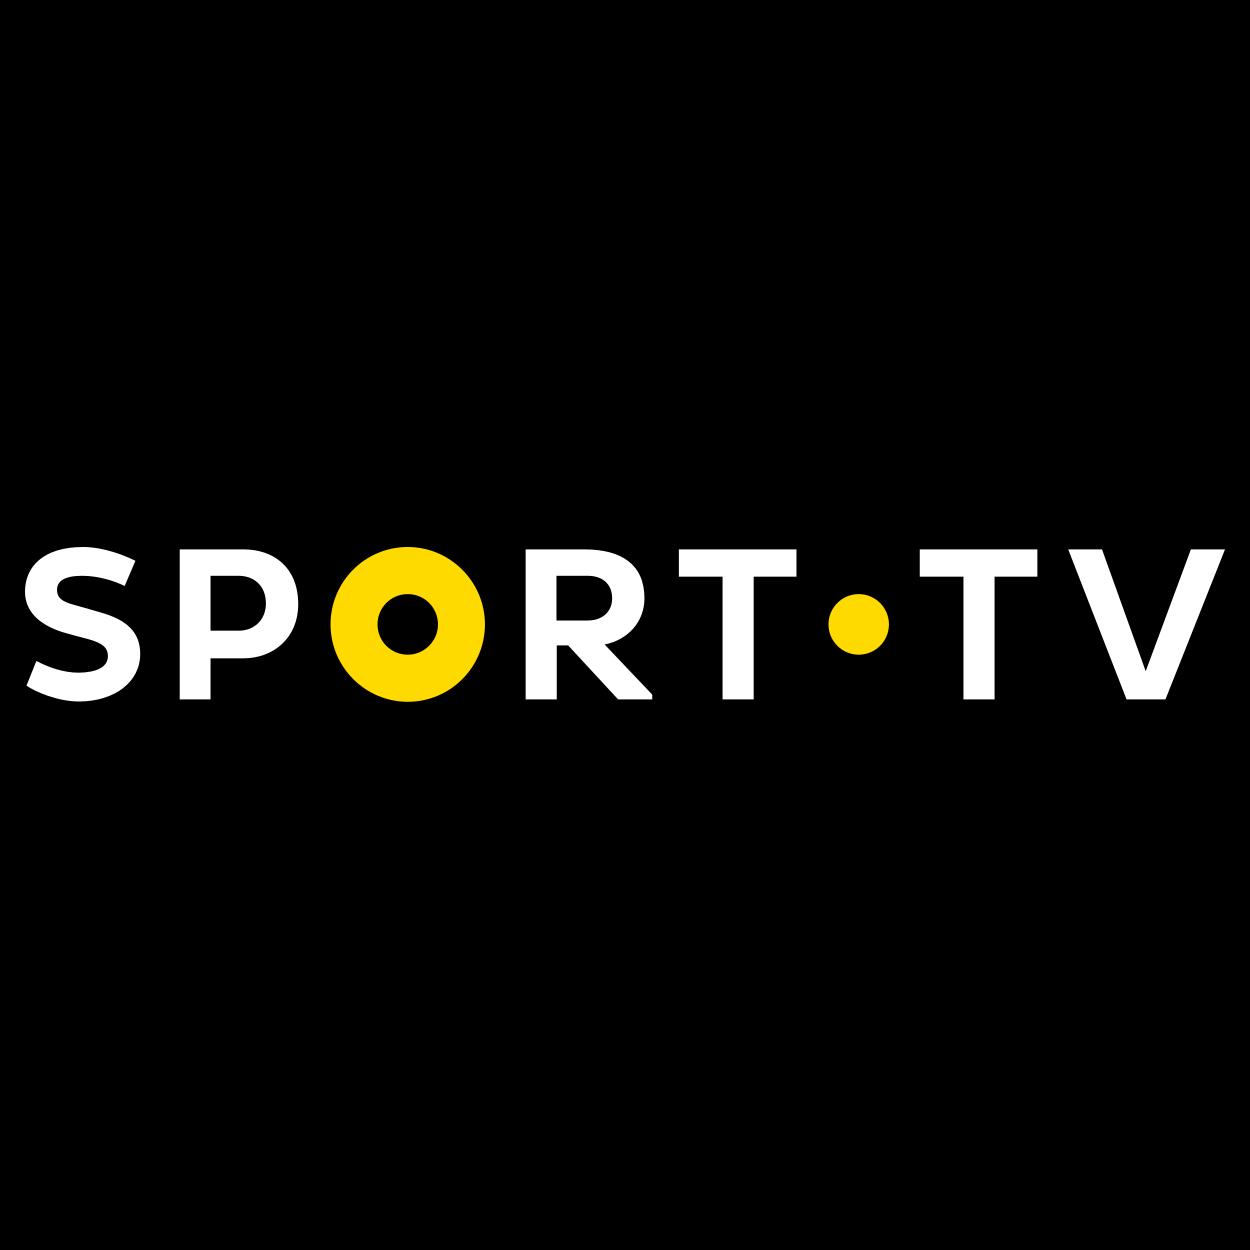 www.sporttv.pt